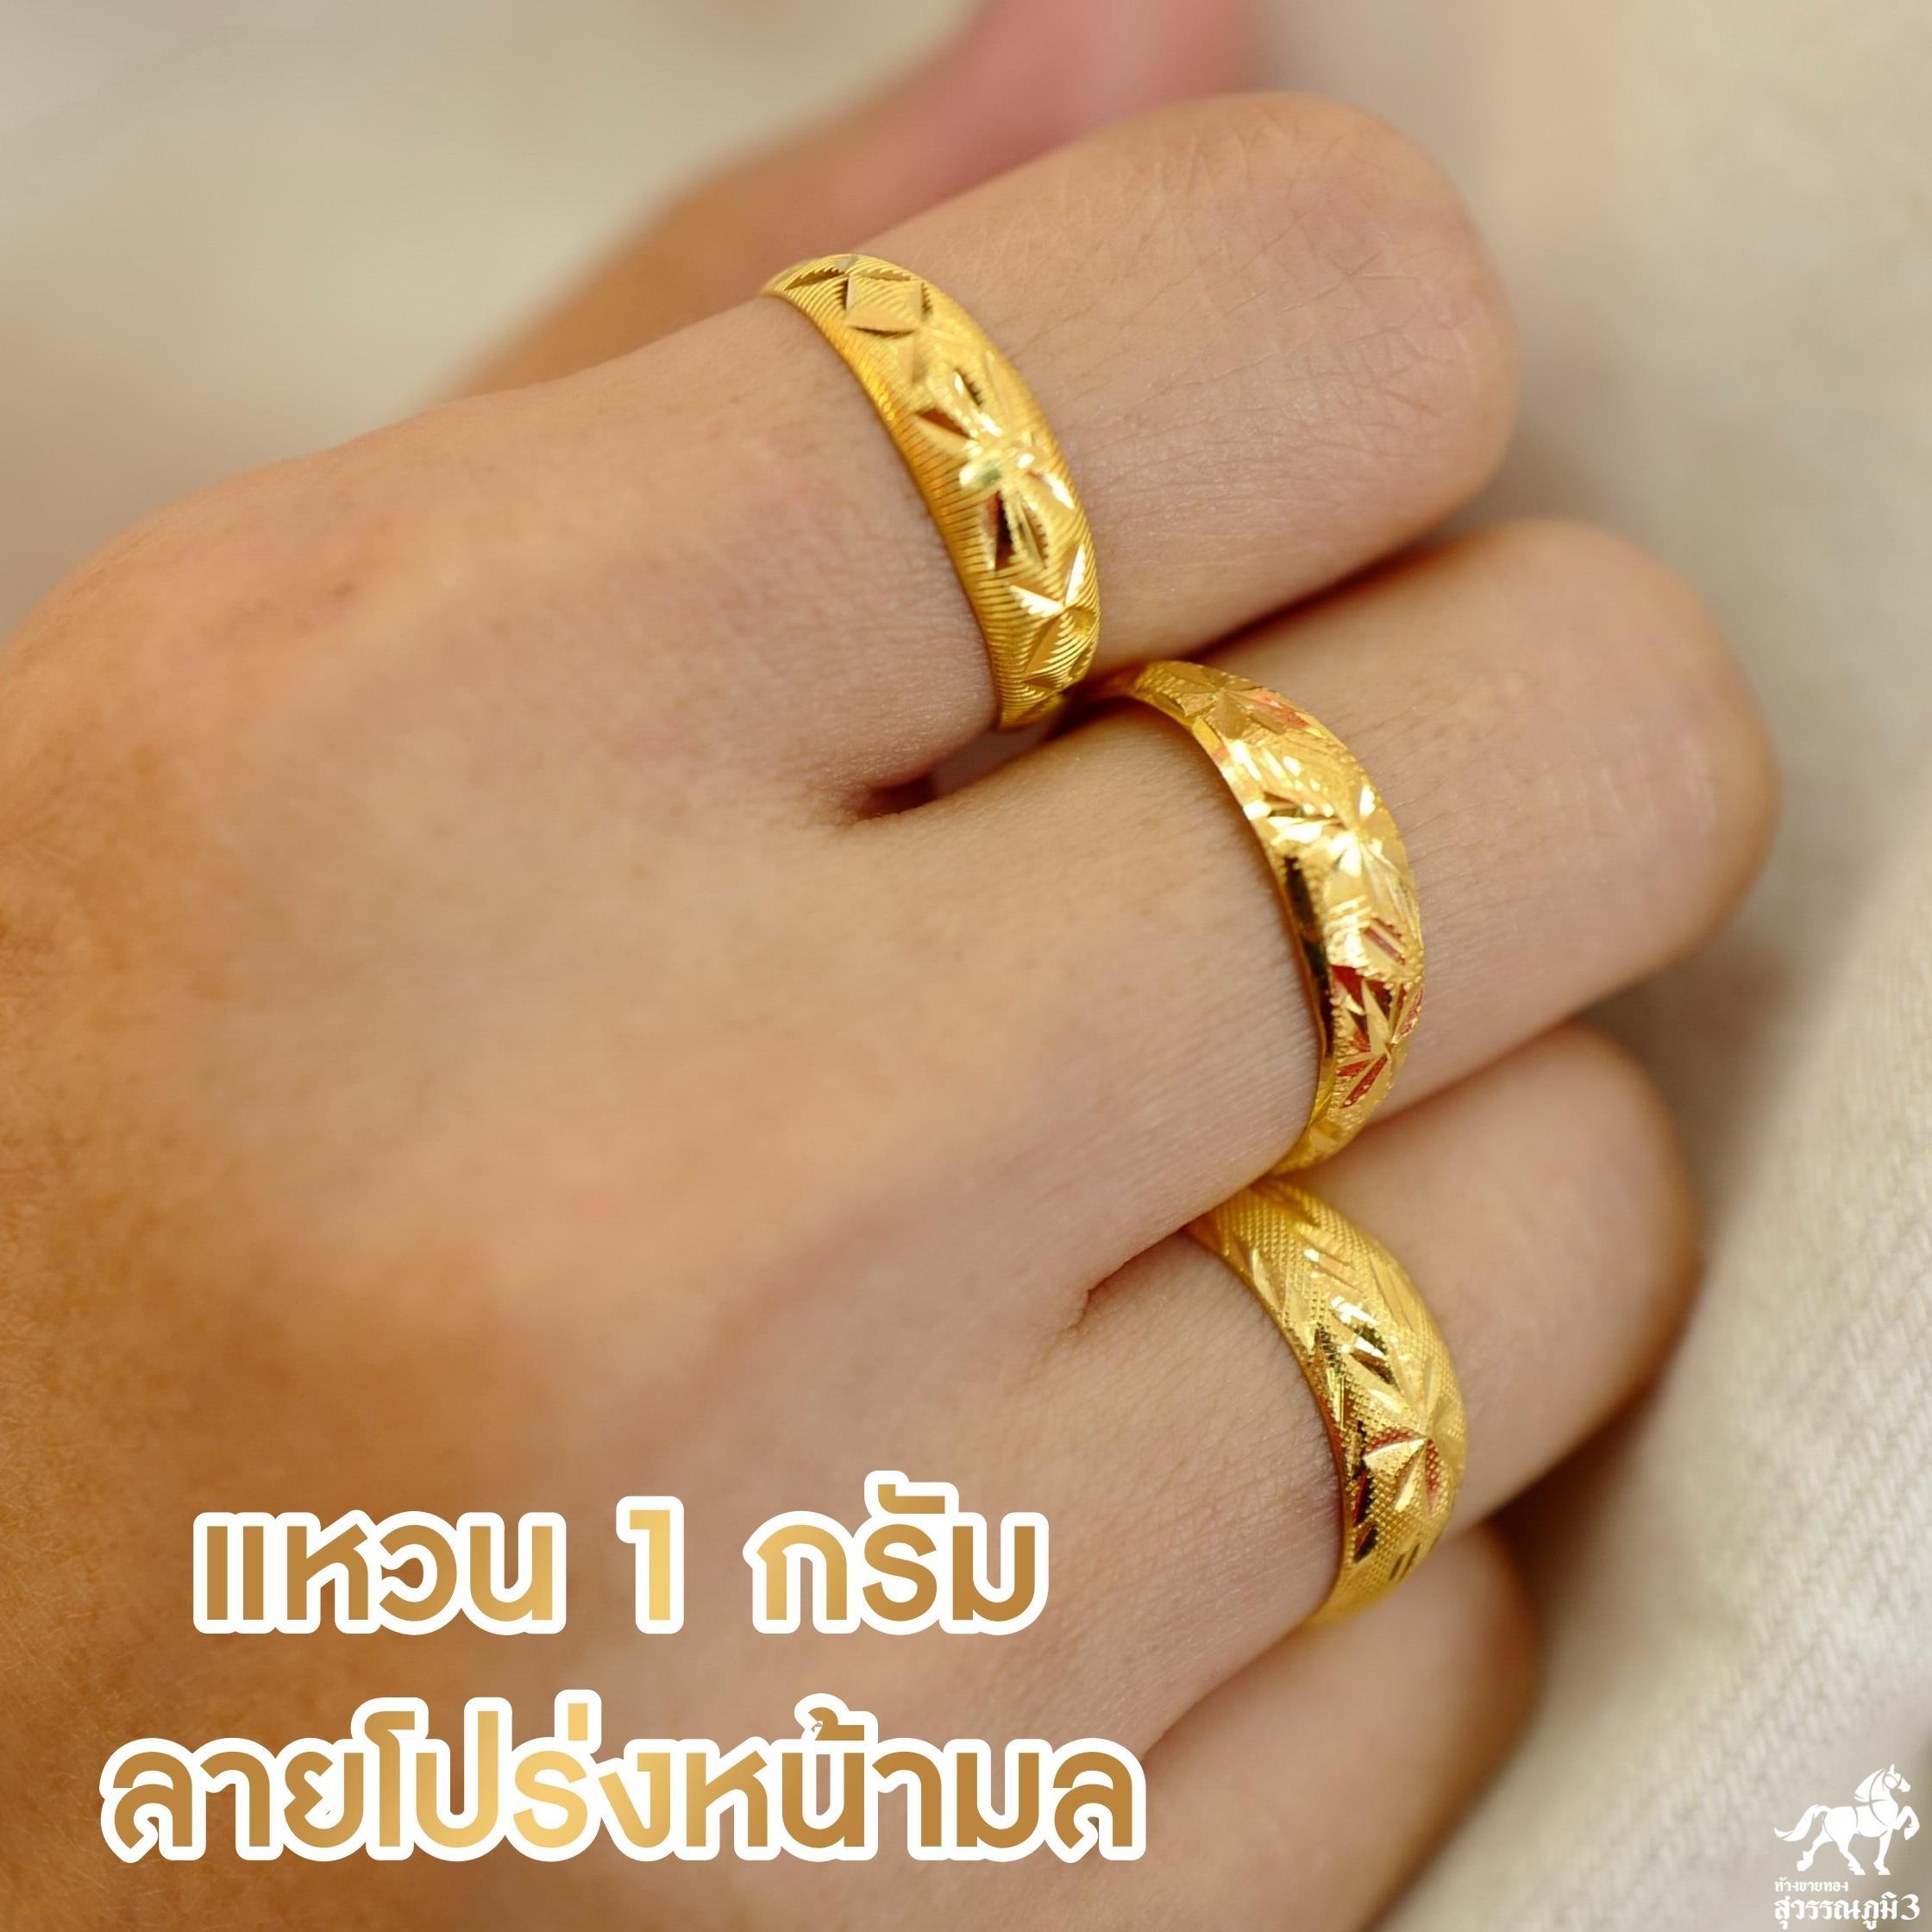 แหวนทอง 1 กรัม ลายหัวโปร่งหน้ามน 96.5% คละลาย น้ำหนัก น้ำหนักหนึ่งกรัม ทองแท้ จากเยาวราช น้ำหนักเต็ม ราคาถูกที่สุด ส่งฟร